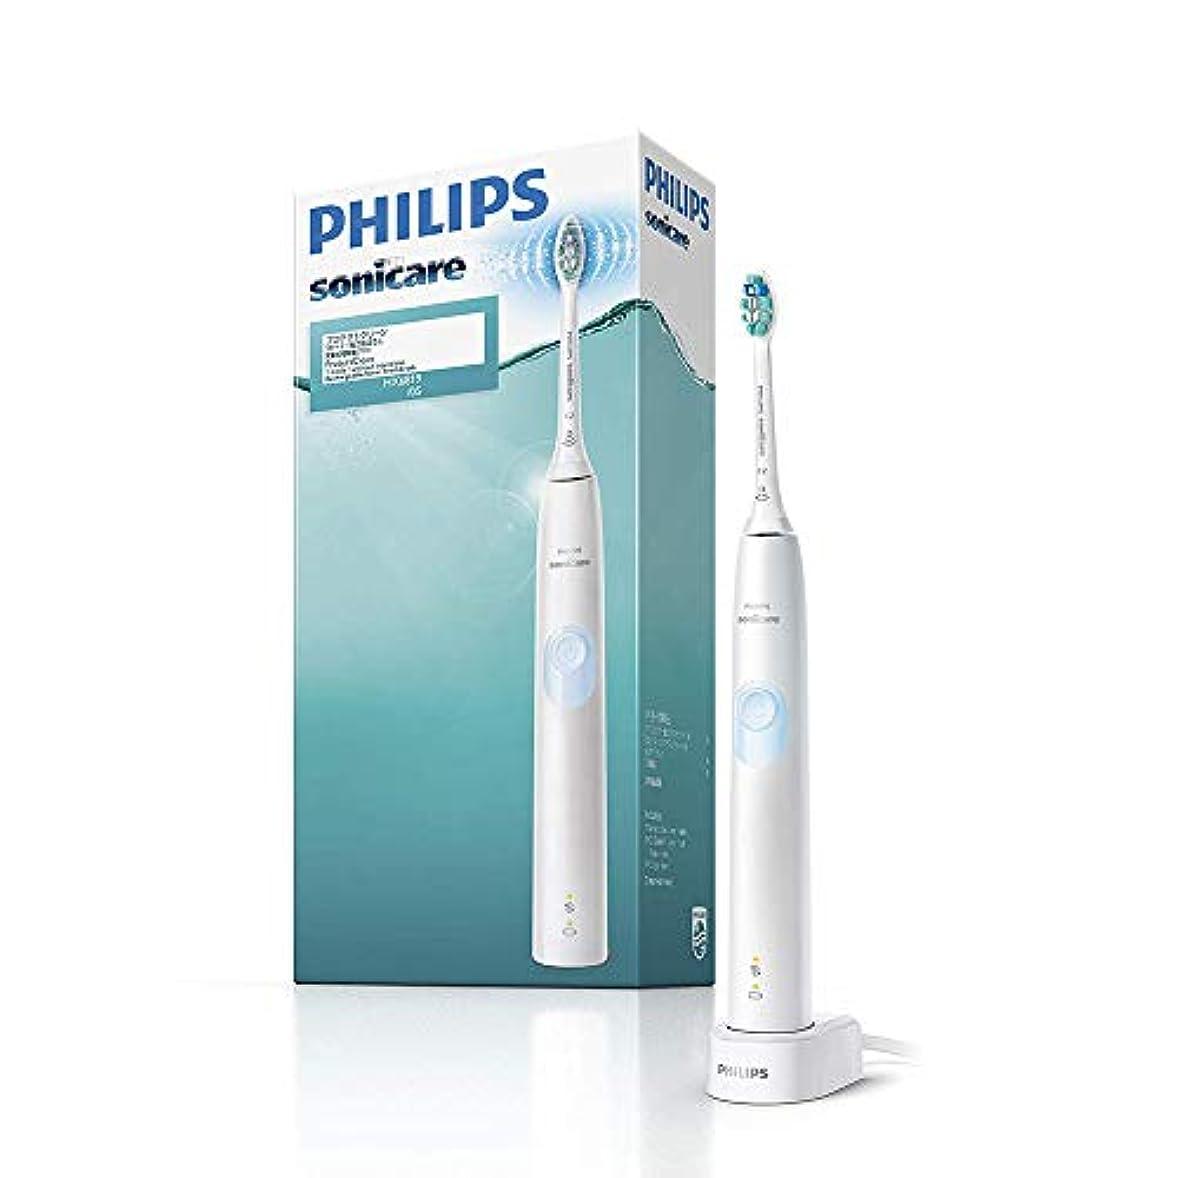 おそらく増幅公式【Amazon.co.jp限定】フィリップス ソニッケアー プロテクトクリーン ホワイトライトブルー 電動歯ブラシ 強さ設定なし HX6819/05